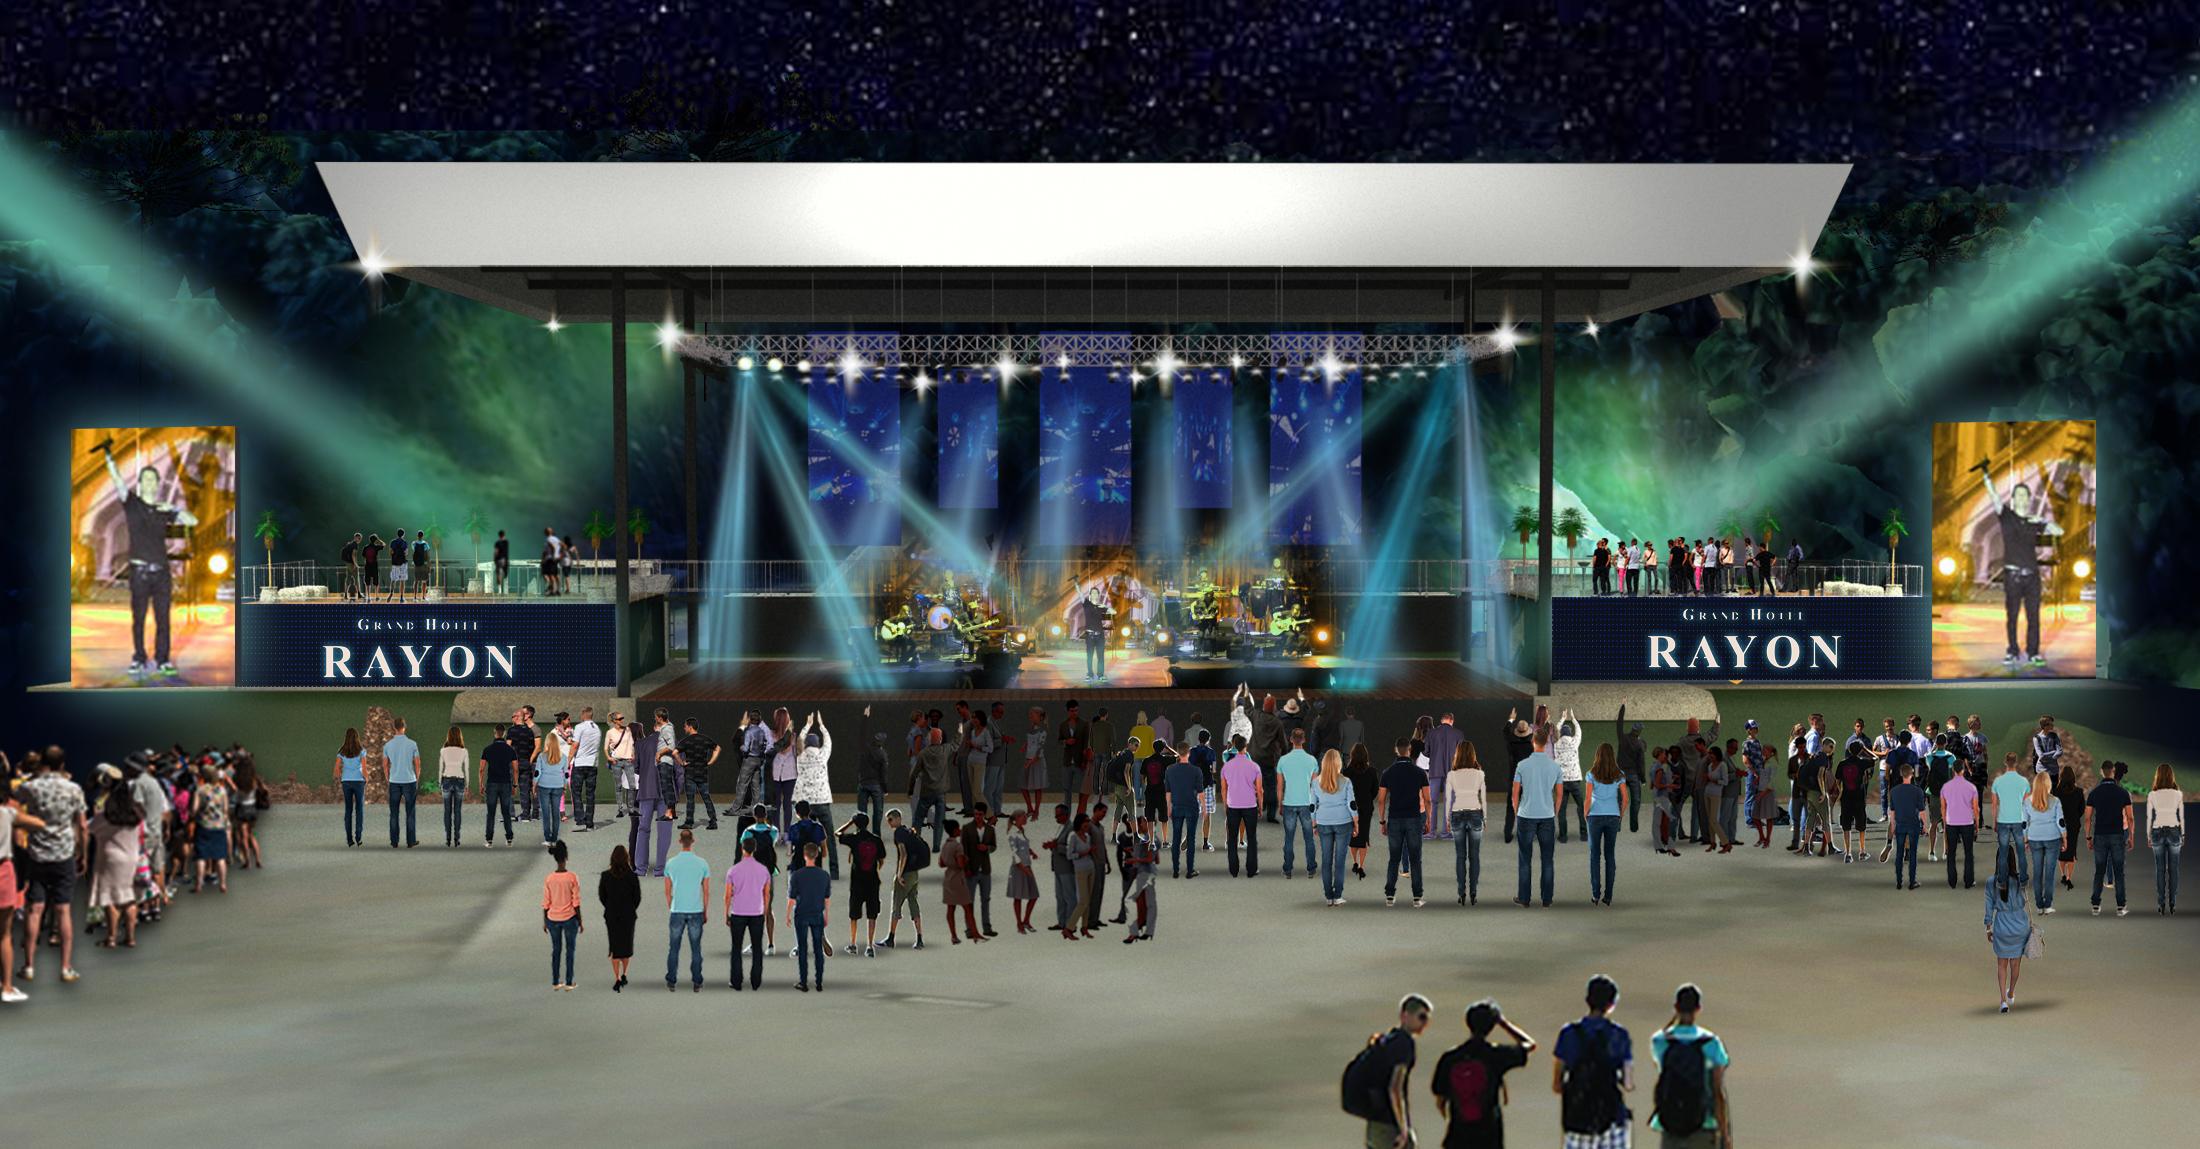 Festival Prime Rock Brasil reúne clássicos do rock nacional em estrutura inédita